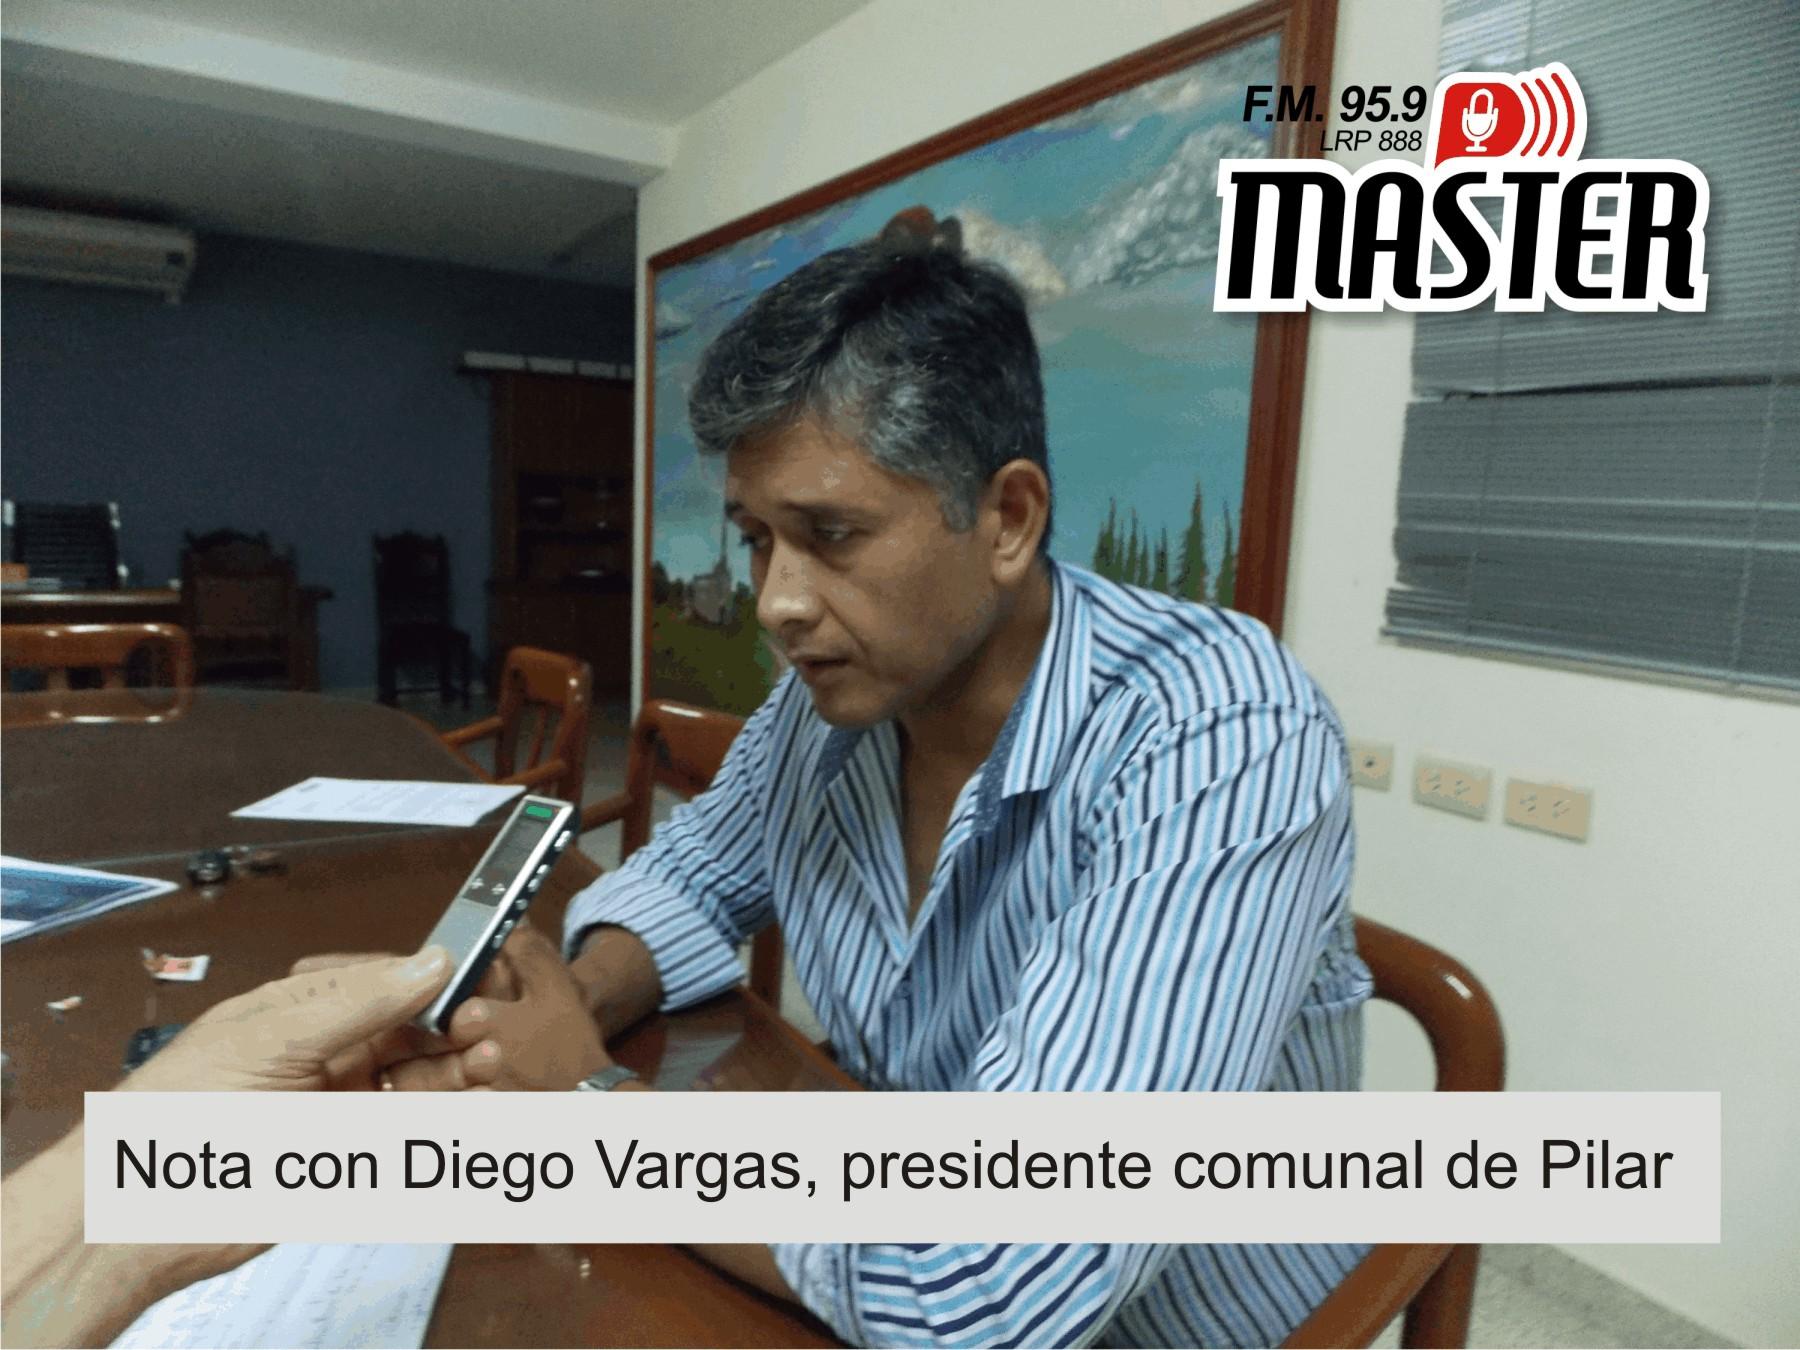 Hablamos con el Pte. Comunal, Diego Vargas